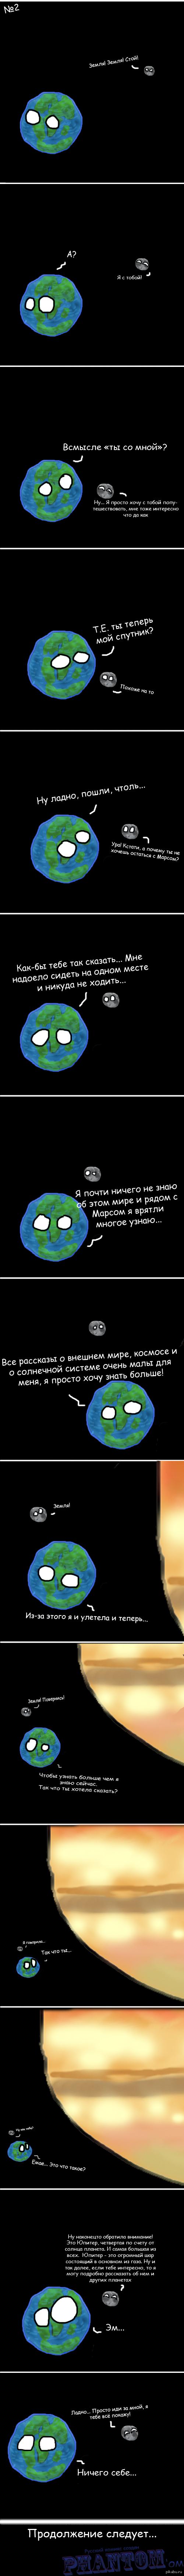 Встреча с Юпитером Группа и информация по комиксу в комментариях.